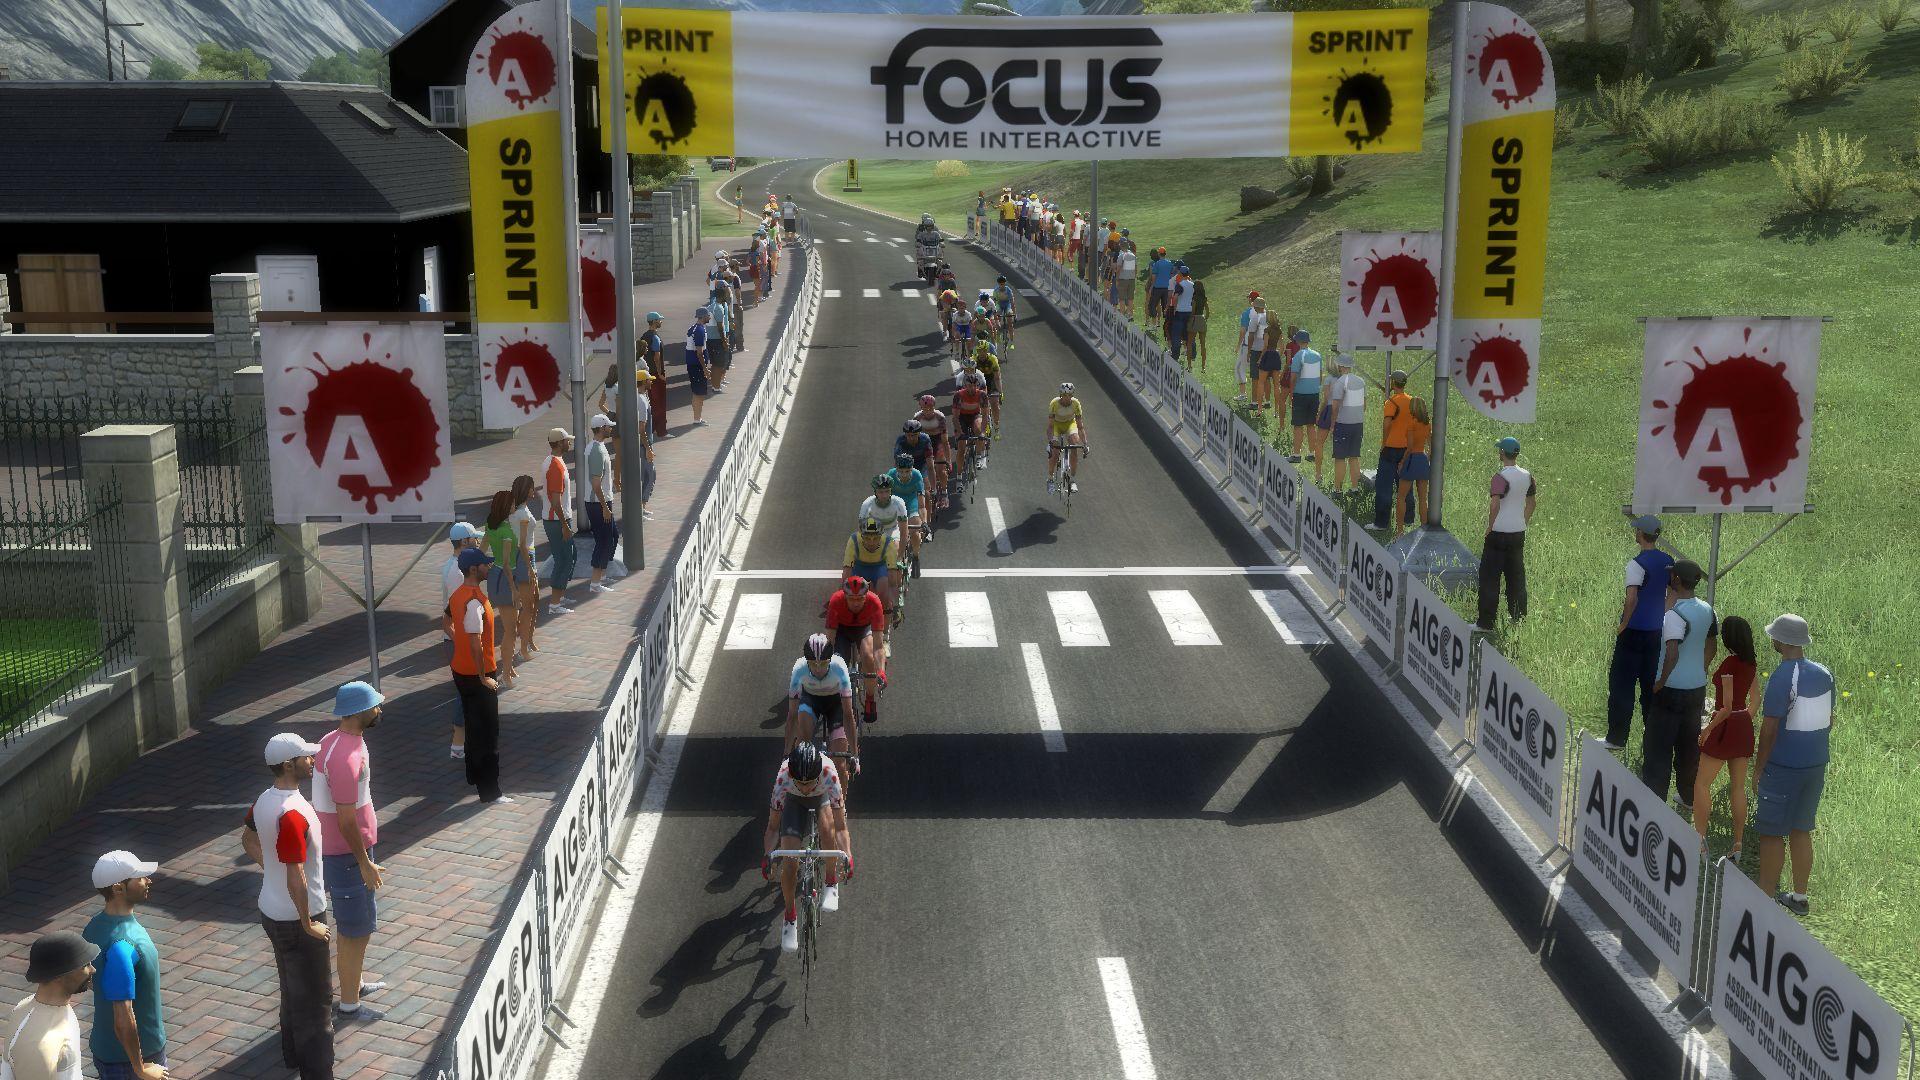 pcmdaily.com/images/mg/2020/Reports/C1/Andorra/TdAS5%207.jpg